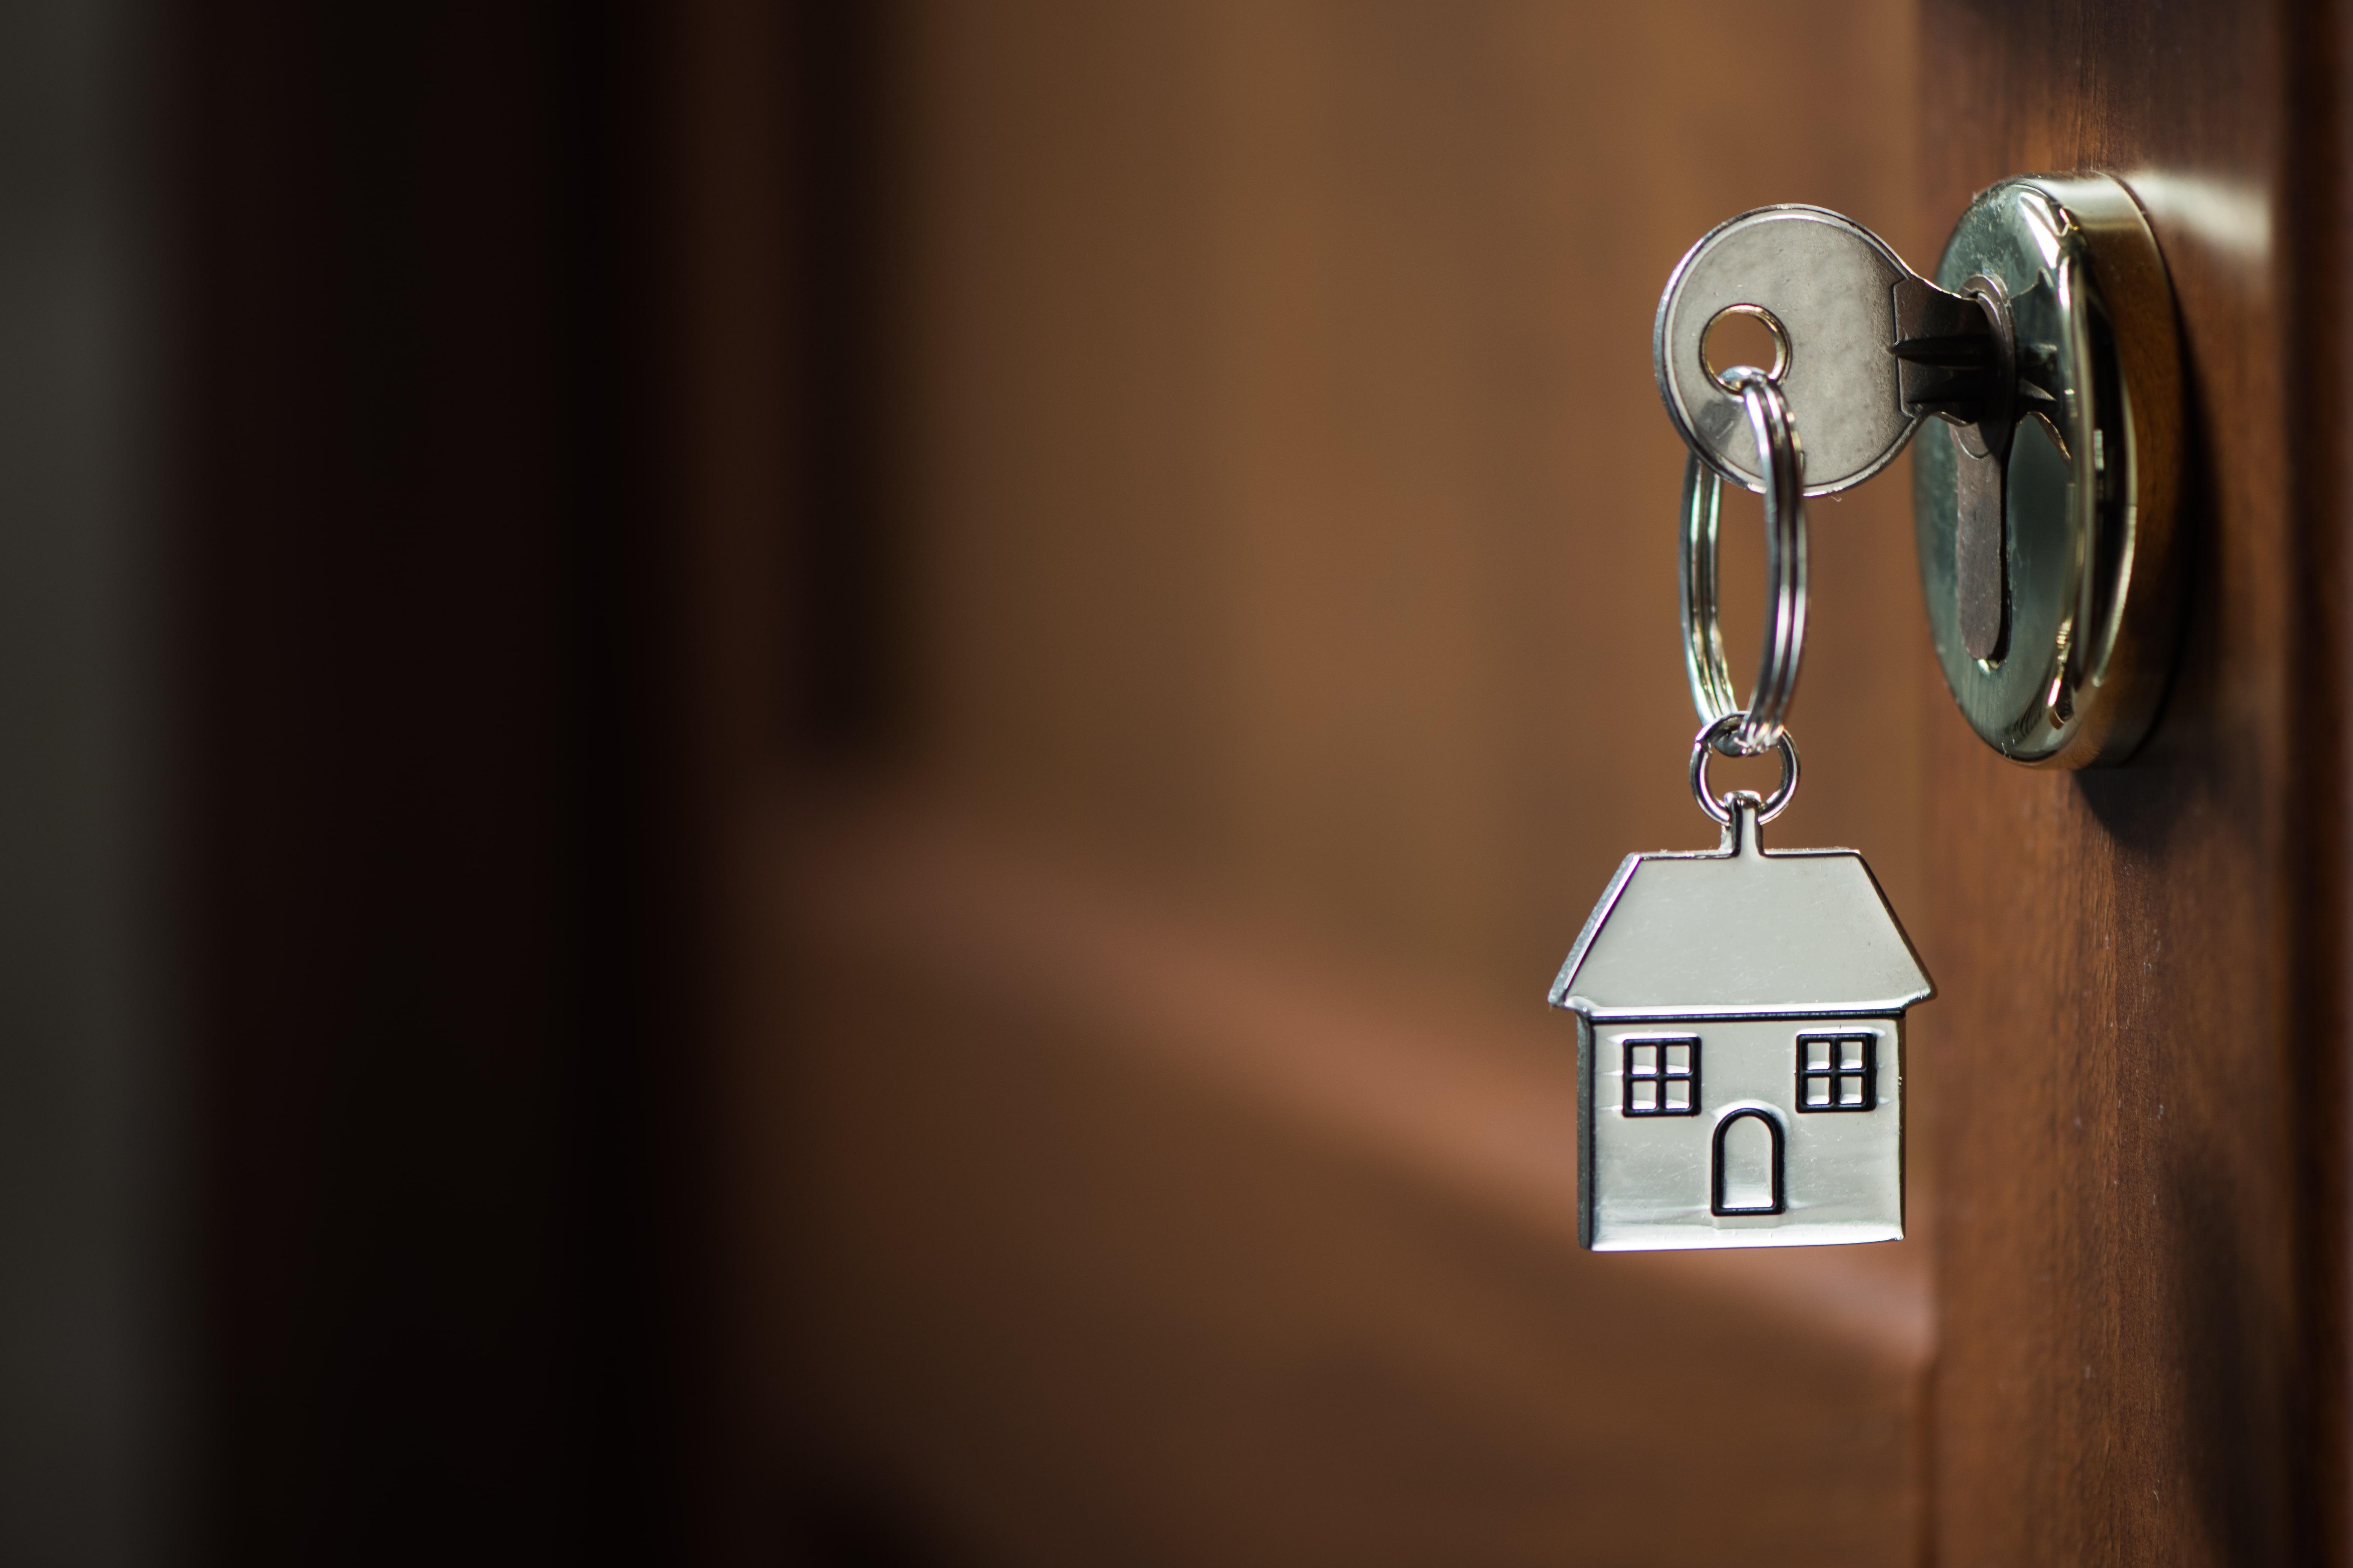 Diferencia-entre-robo-y-hurto-en-el-seguro-del-hogar